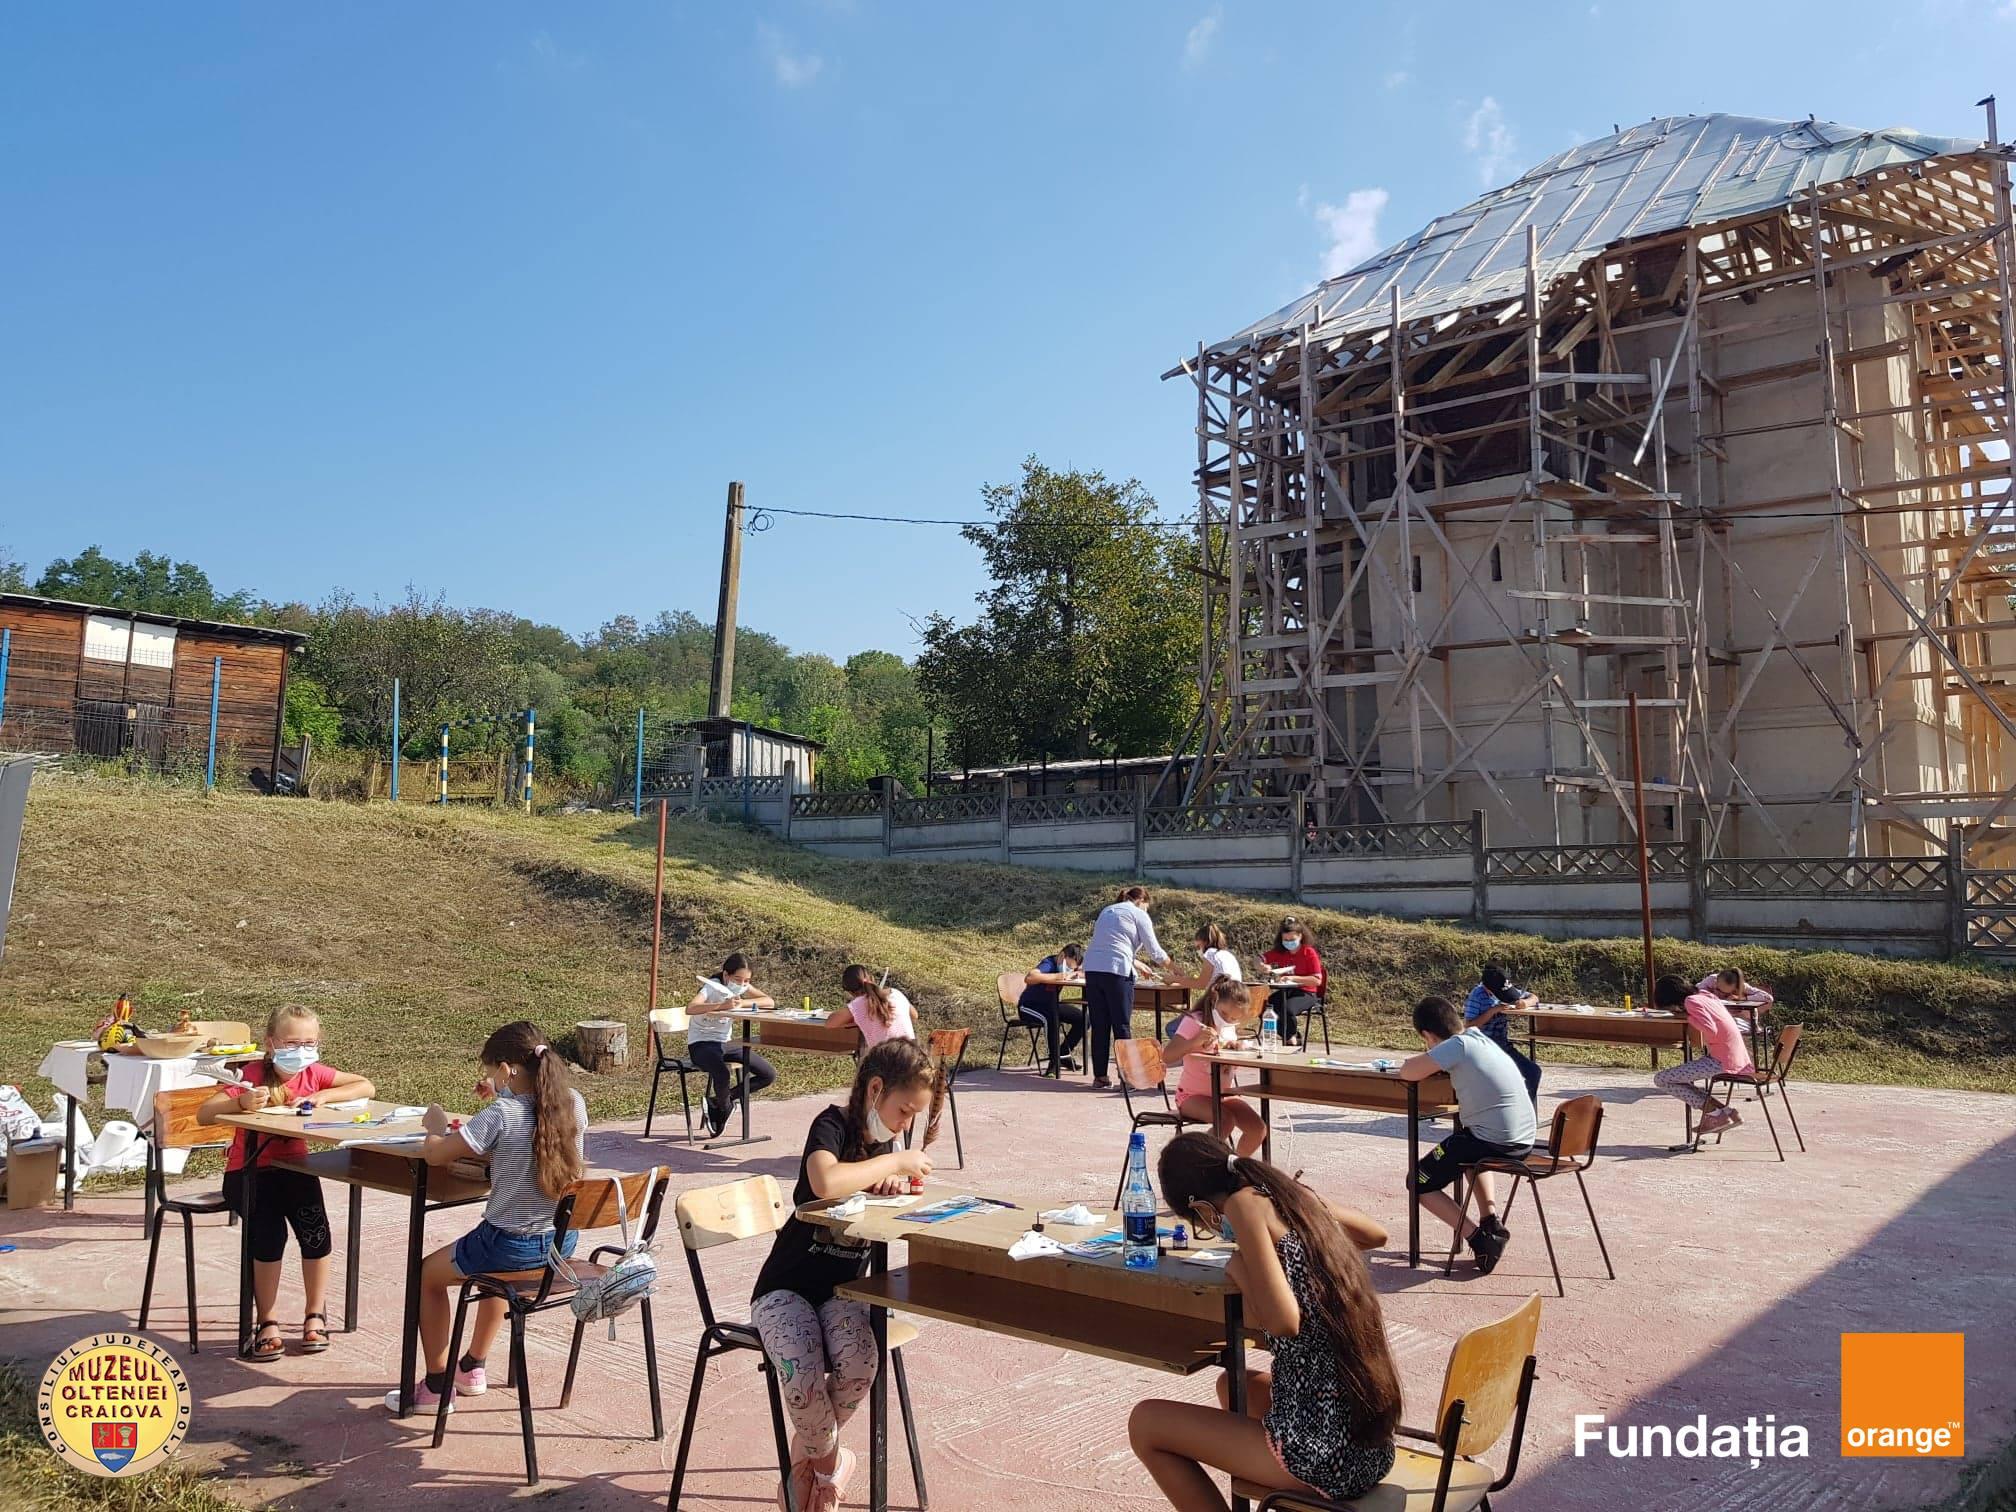 Caravana Muzeală a ajuns la peste 1000 de elevi și profesori